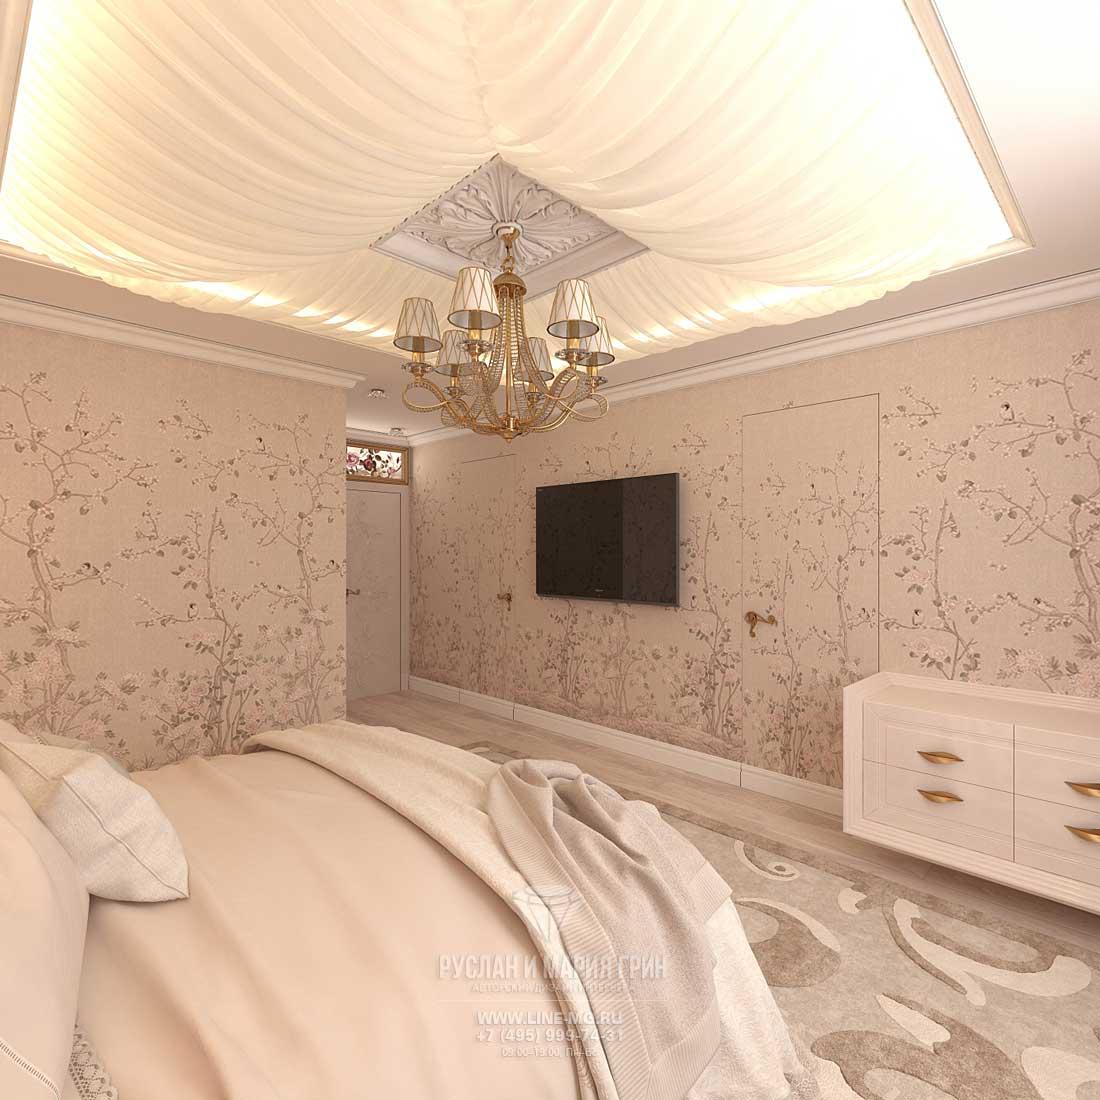 Дизайн спальни. Фото 2016 и современные идеи